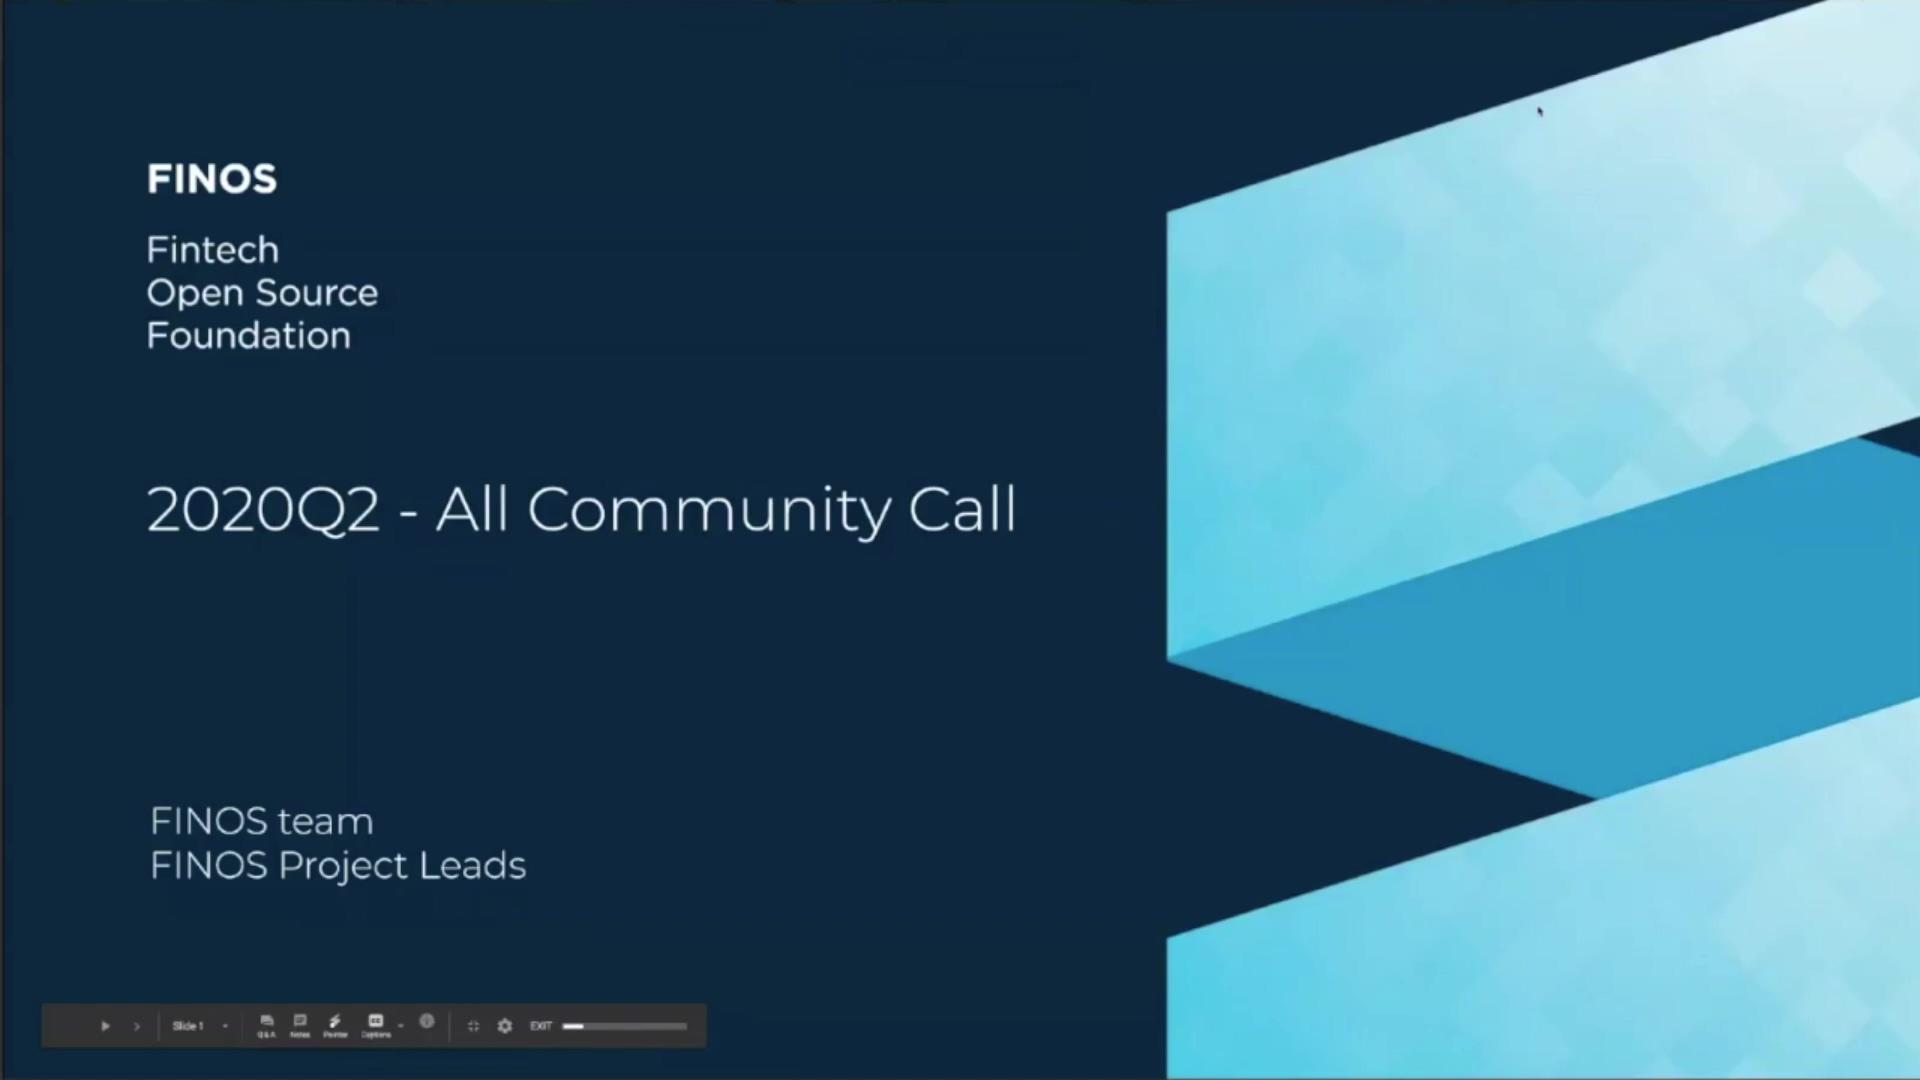 FINOS All Community Call - 11 June 20